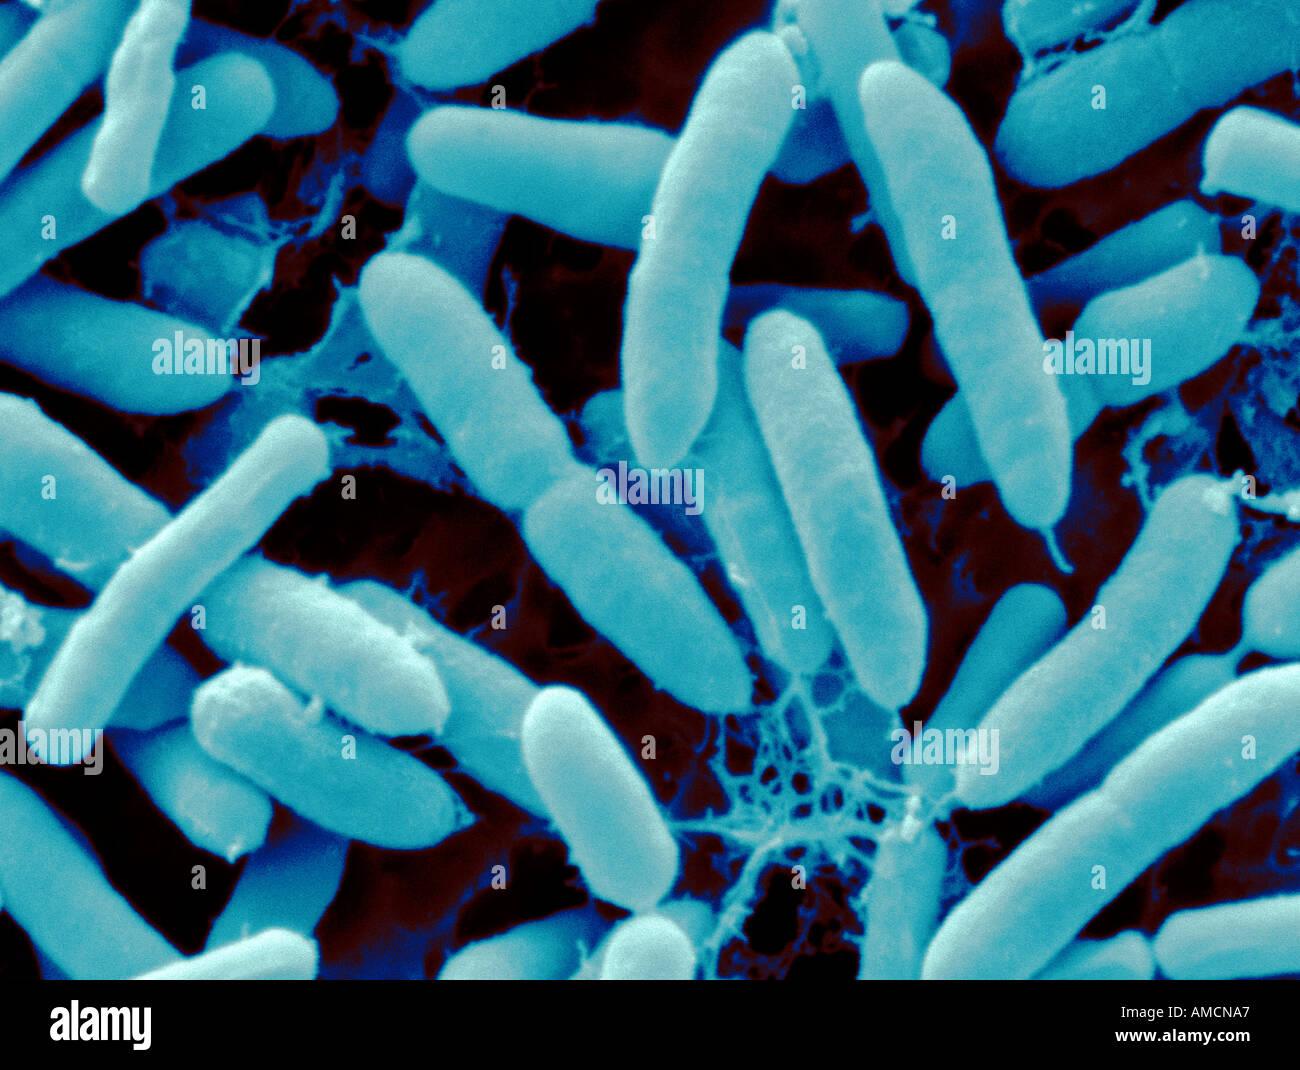 pseudomonas stock photos & pseudomonas stock images - alamy, Skeleton